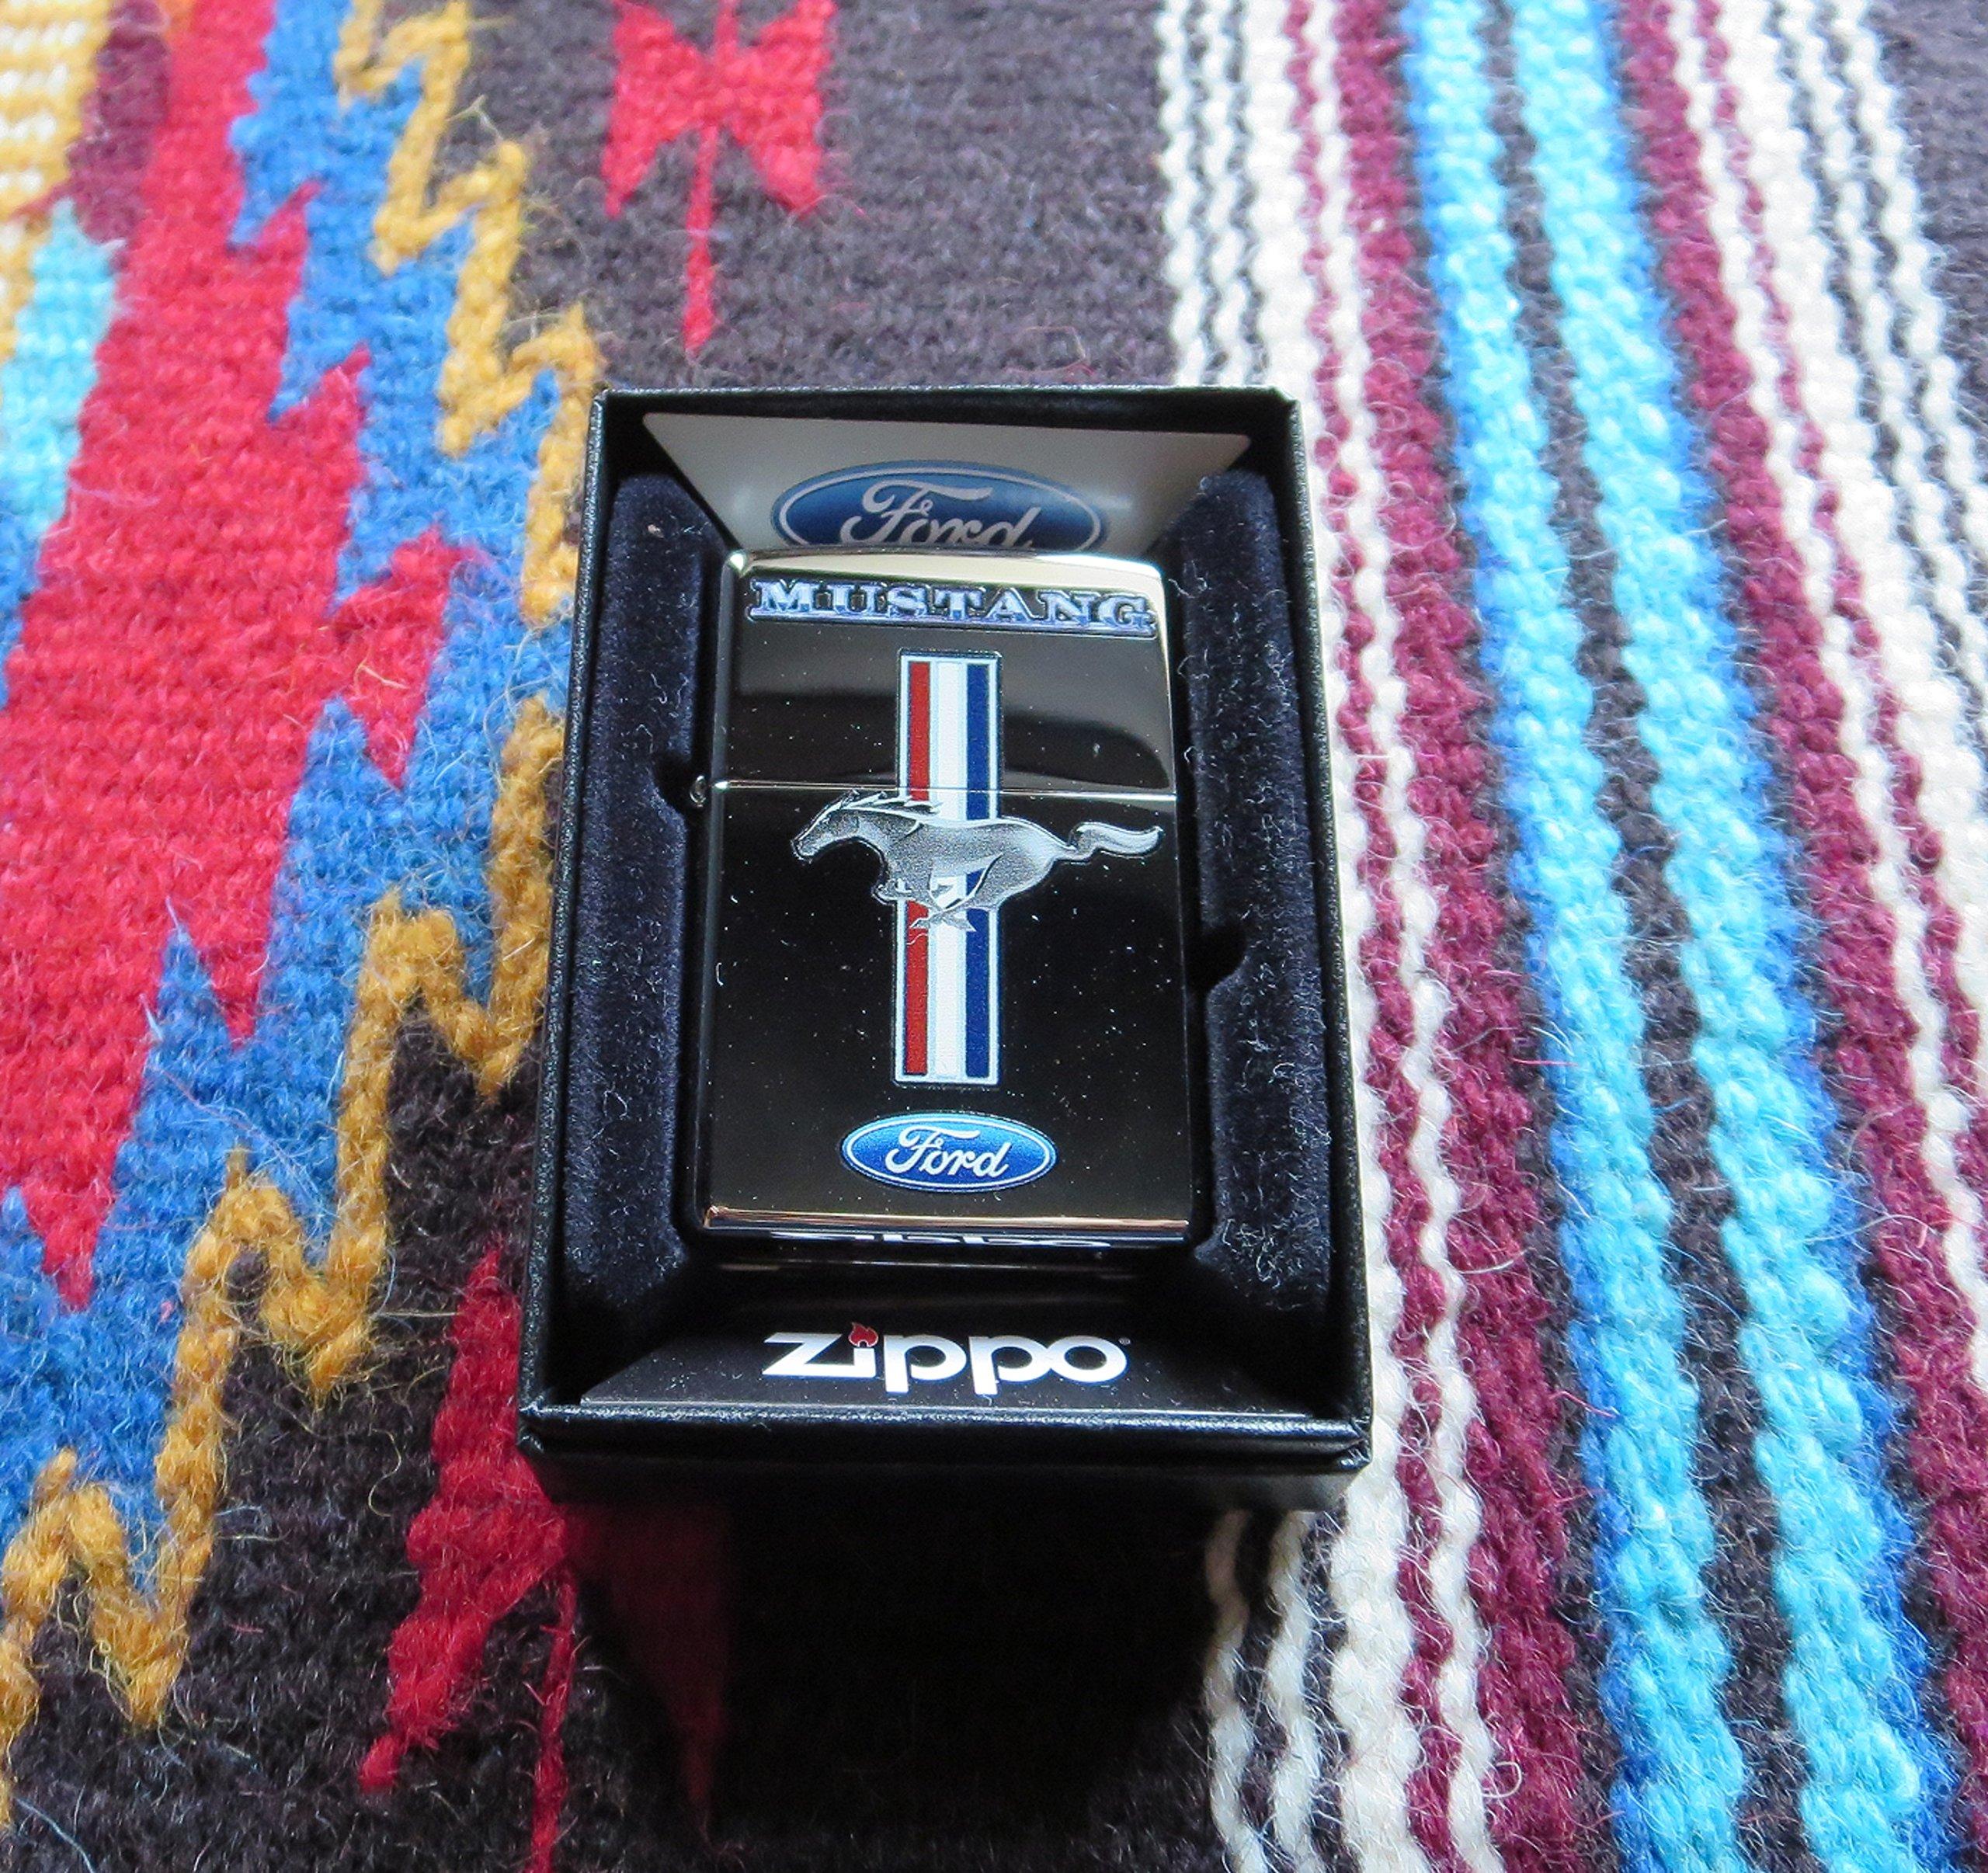 Zippo-260-2.jpg